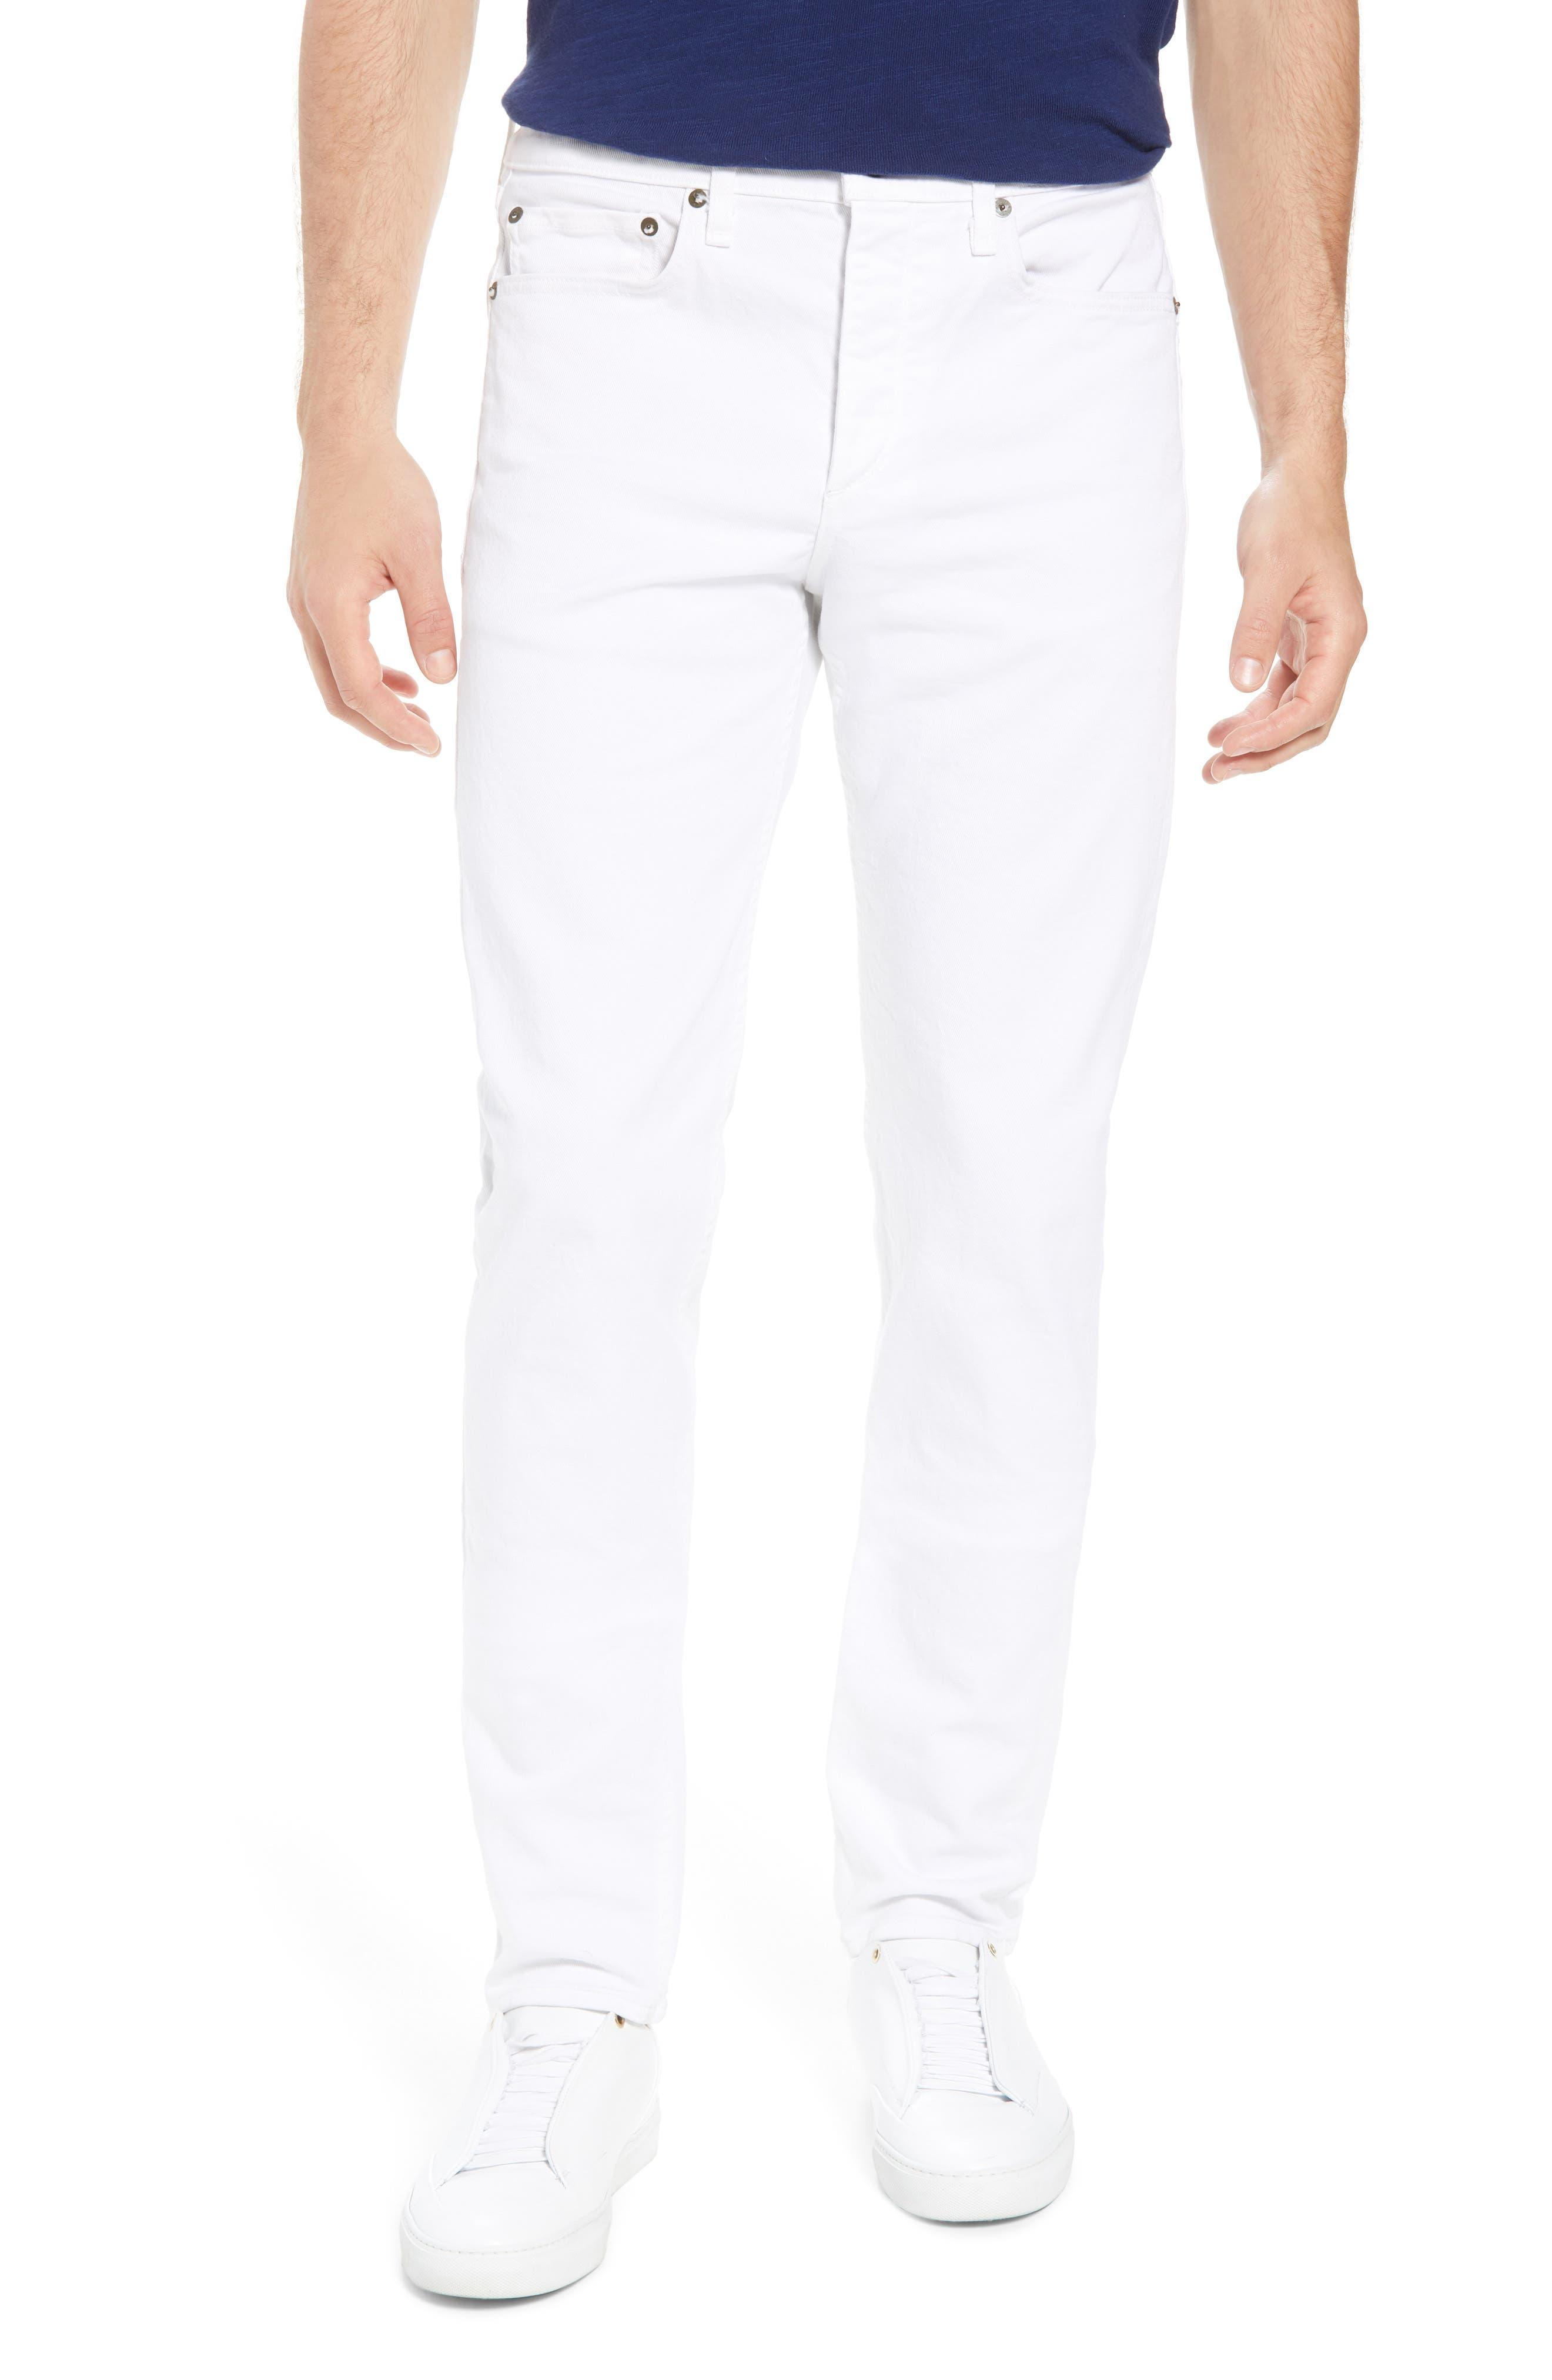 Fit 2 Slim Fit Jeans,                             Main thumbnail 1, color,                             White